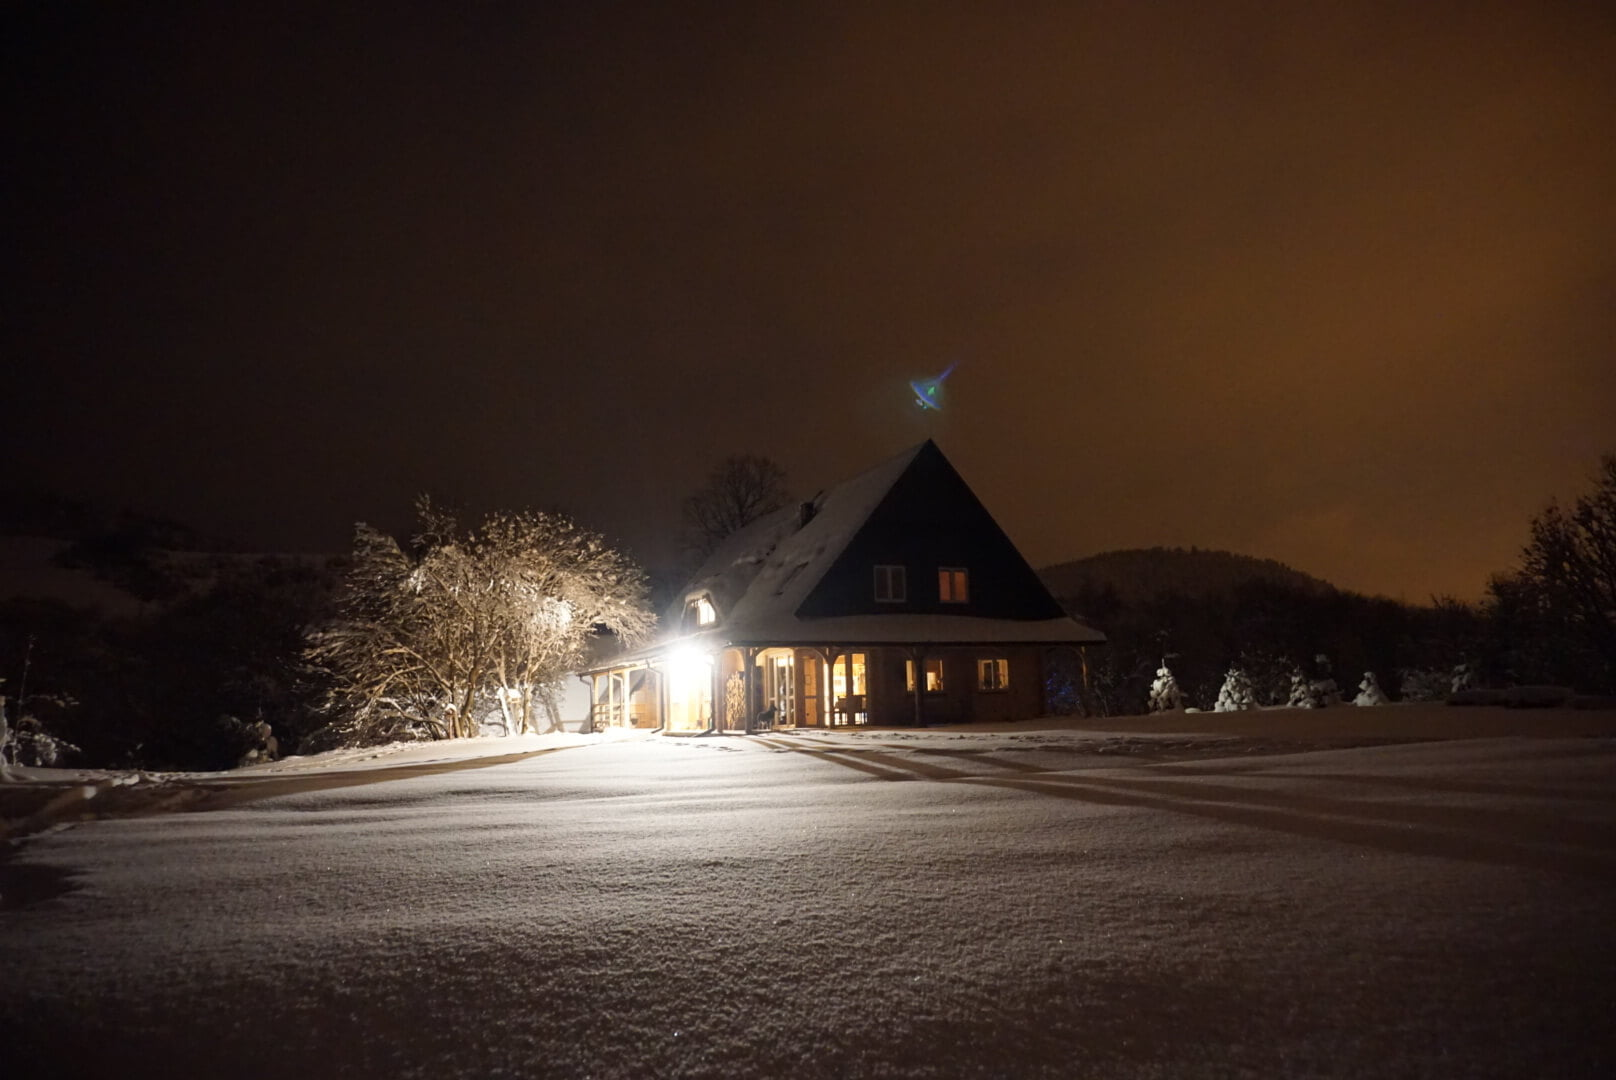 Nocne, zimowe niebo wfotografii Adama 2